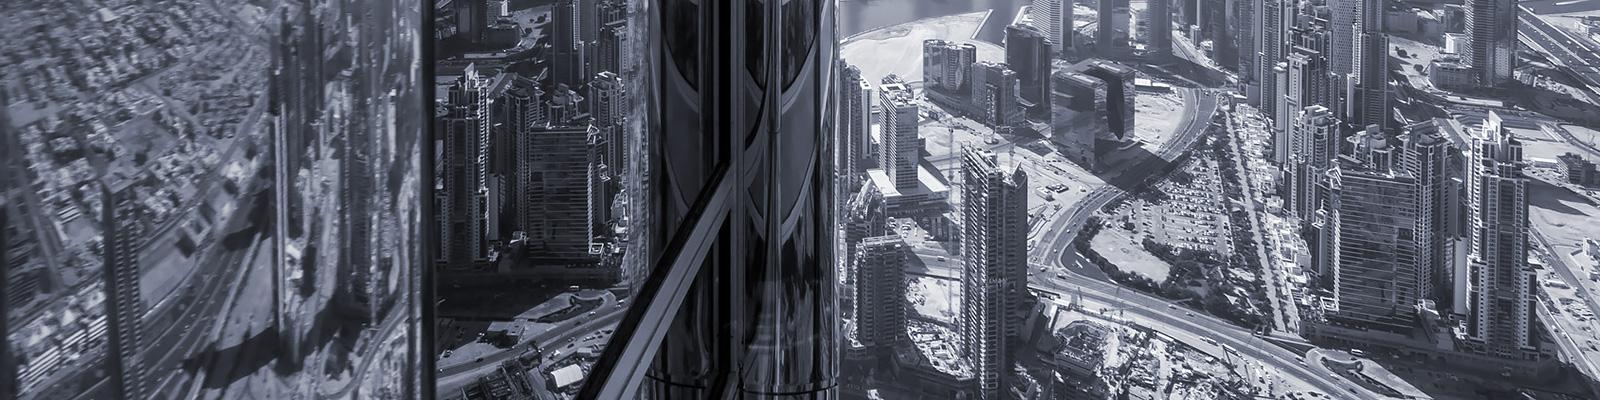 交通 都市 イメージ